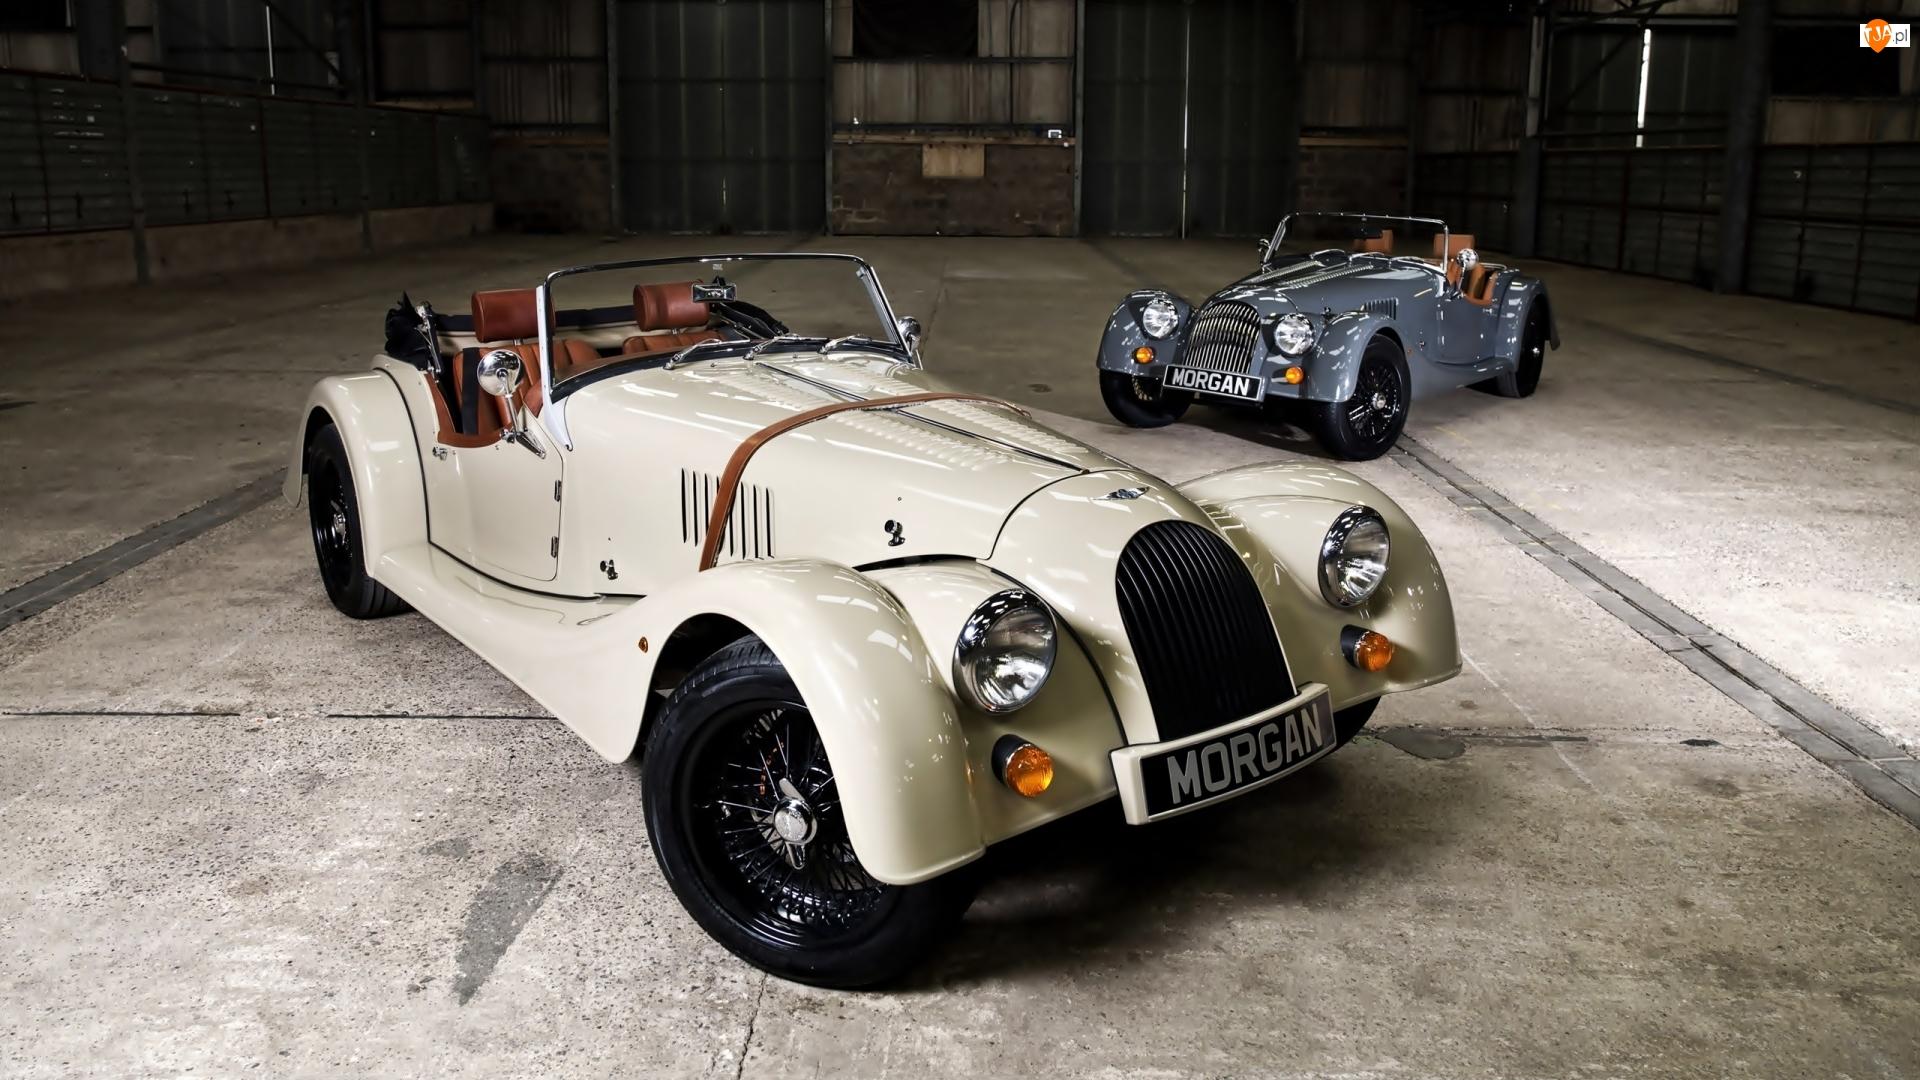 Morgan V6 Roadster, Dwa, Samochody